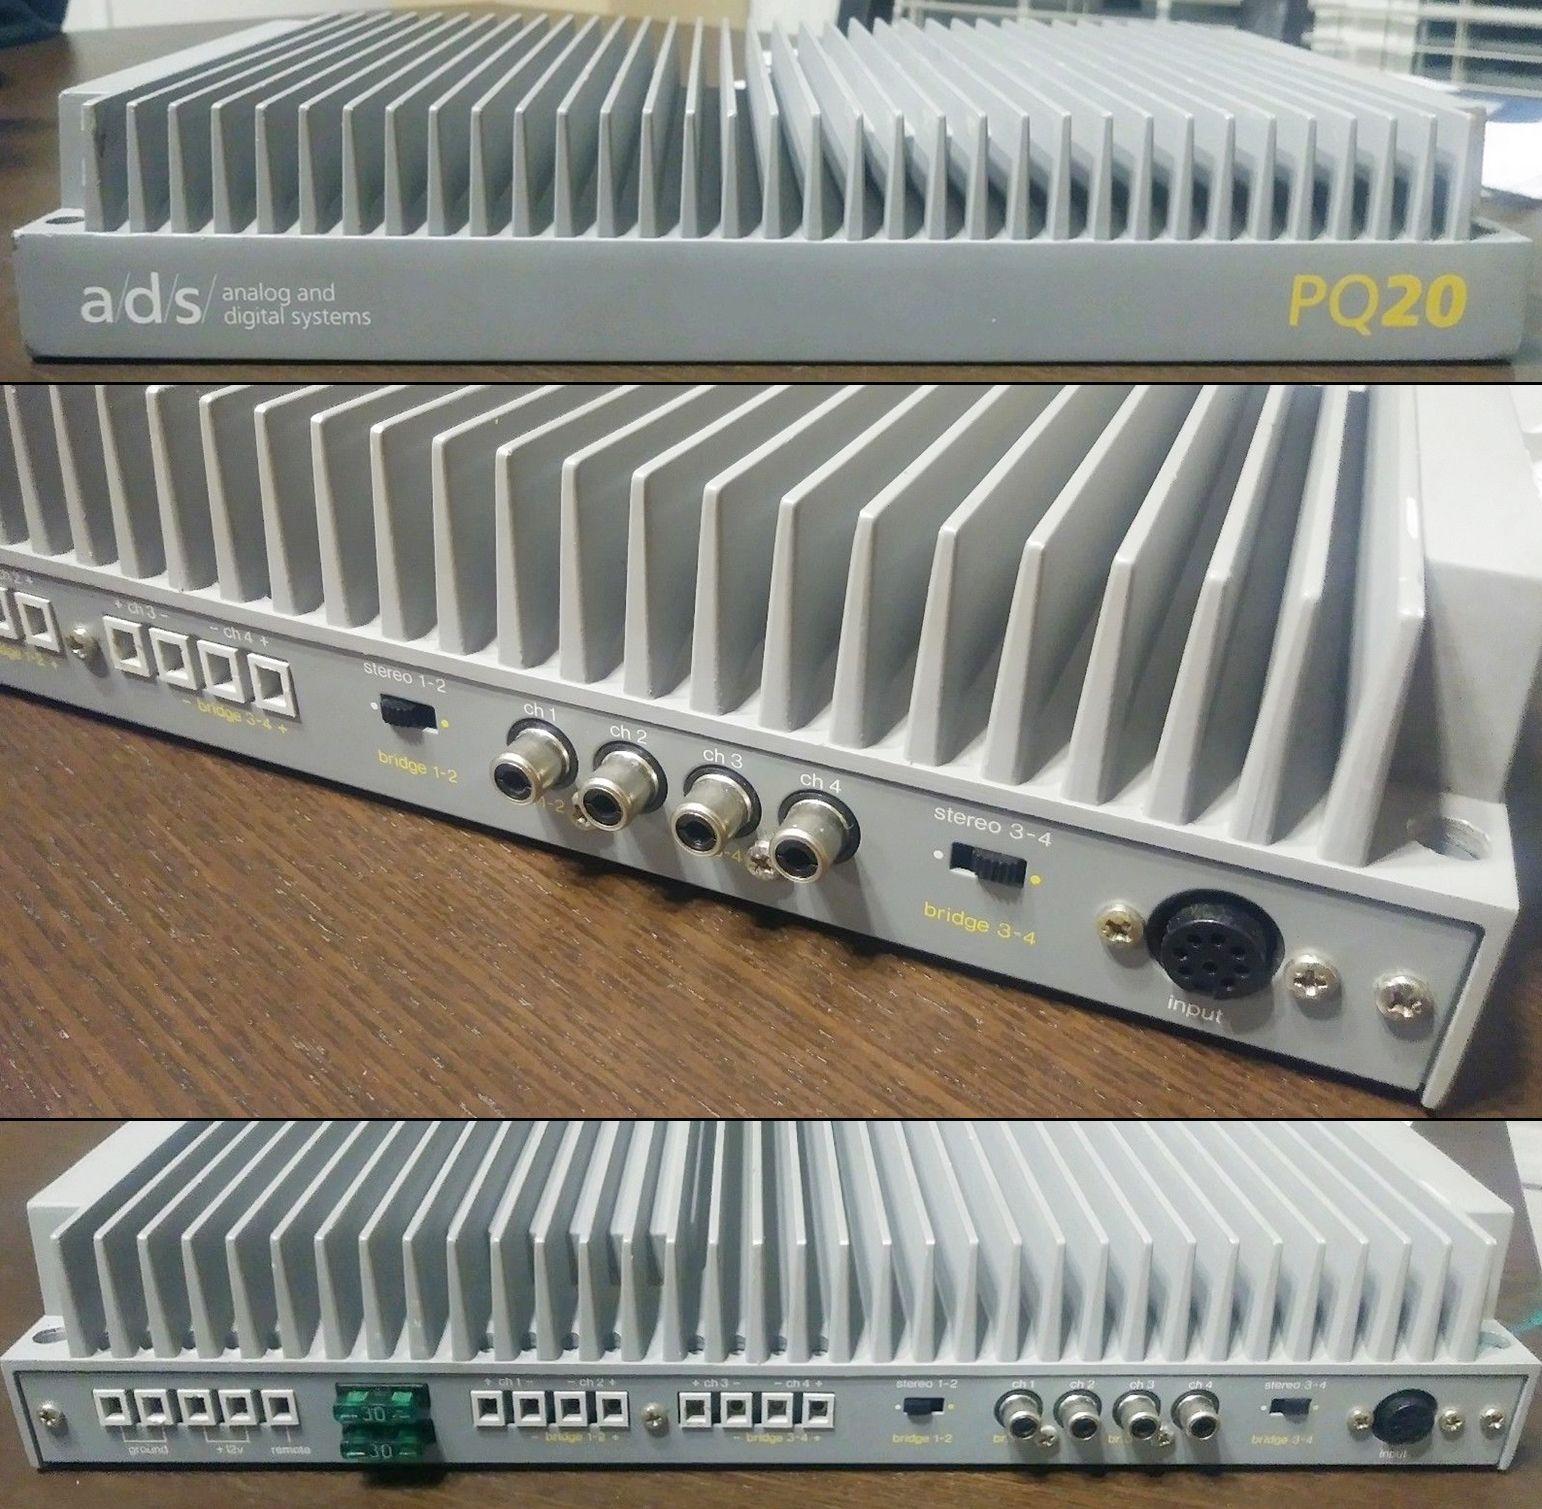 A/D/S PQ20 4 Channel 84watt Amplifier. Made in Japan